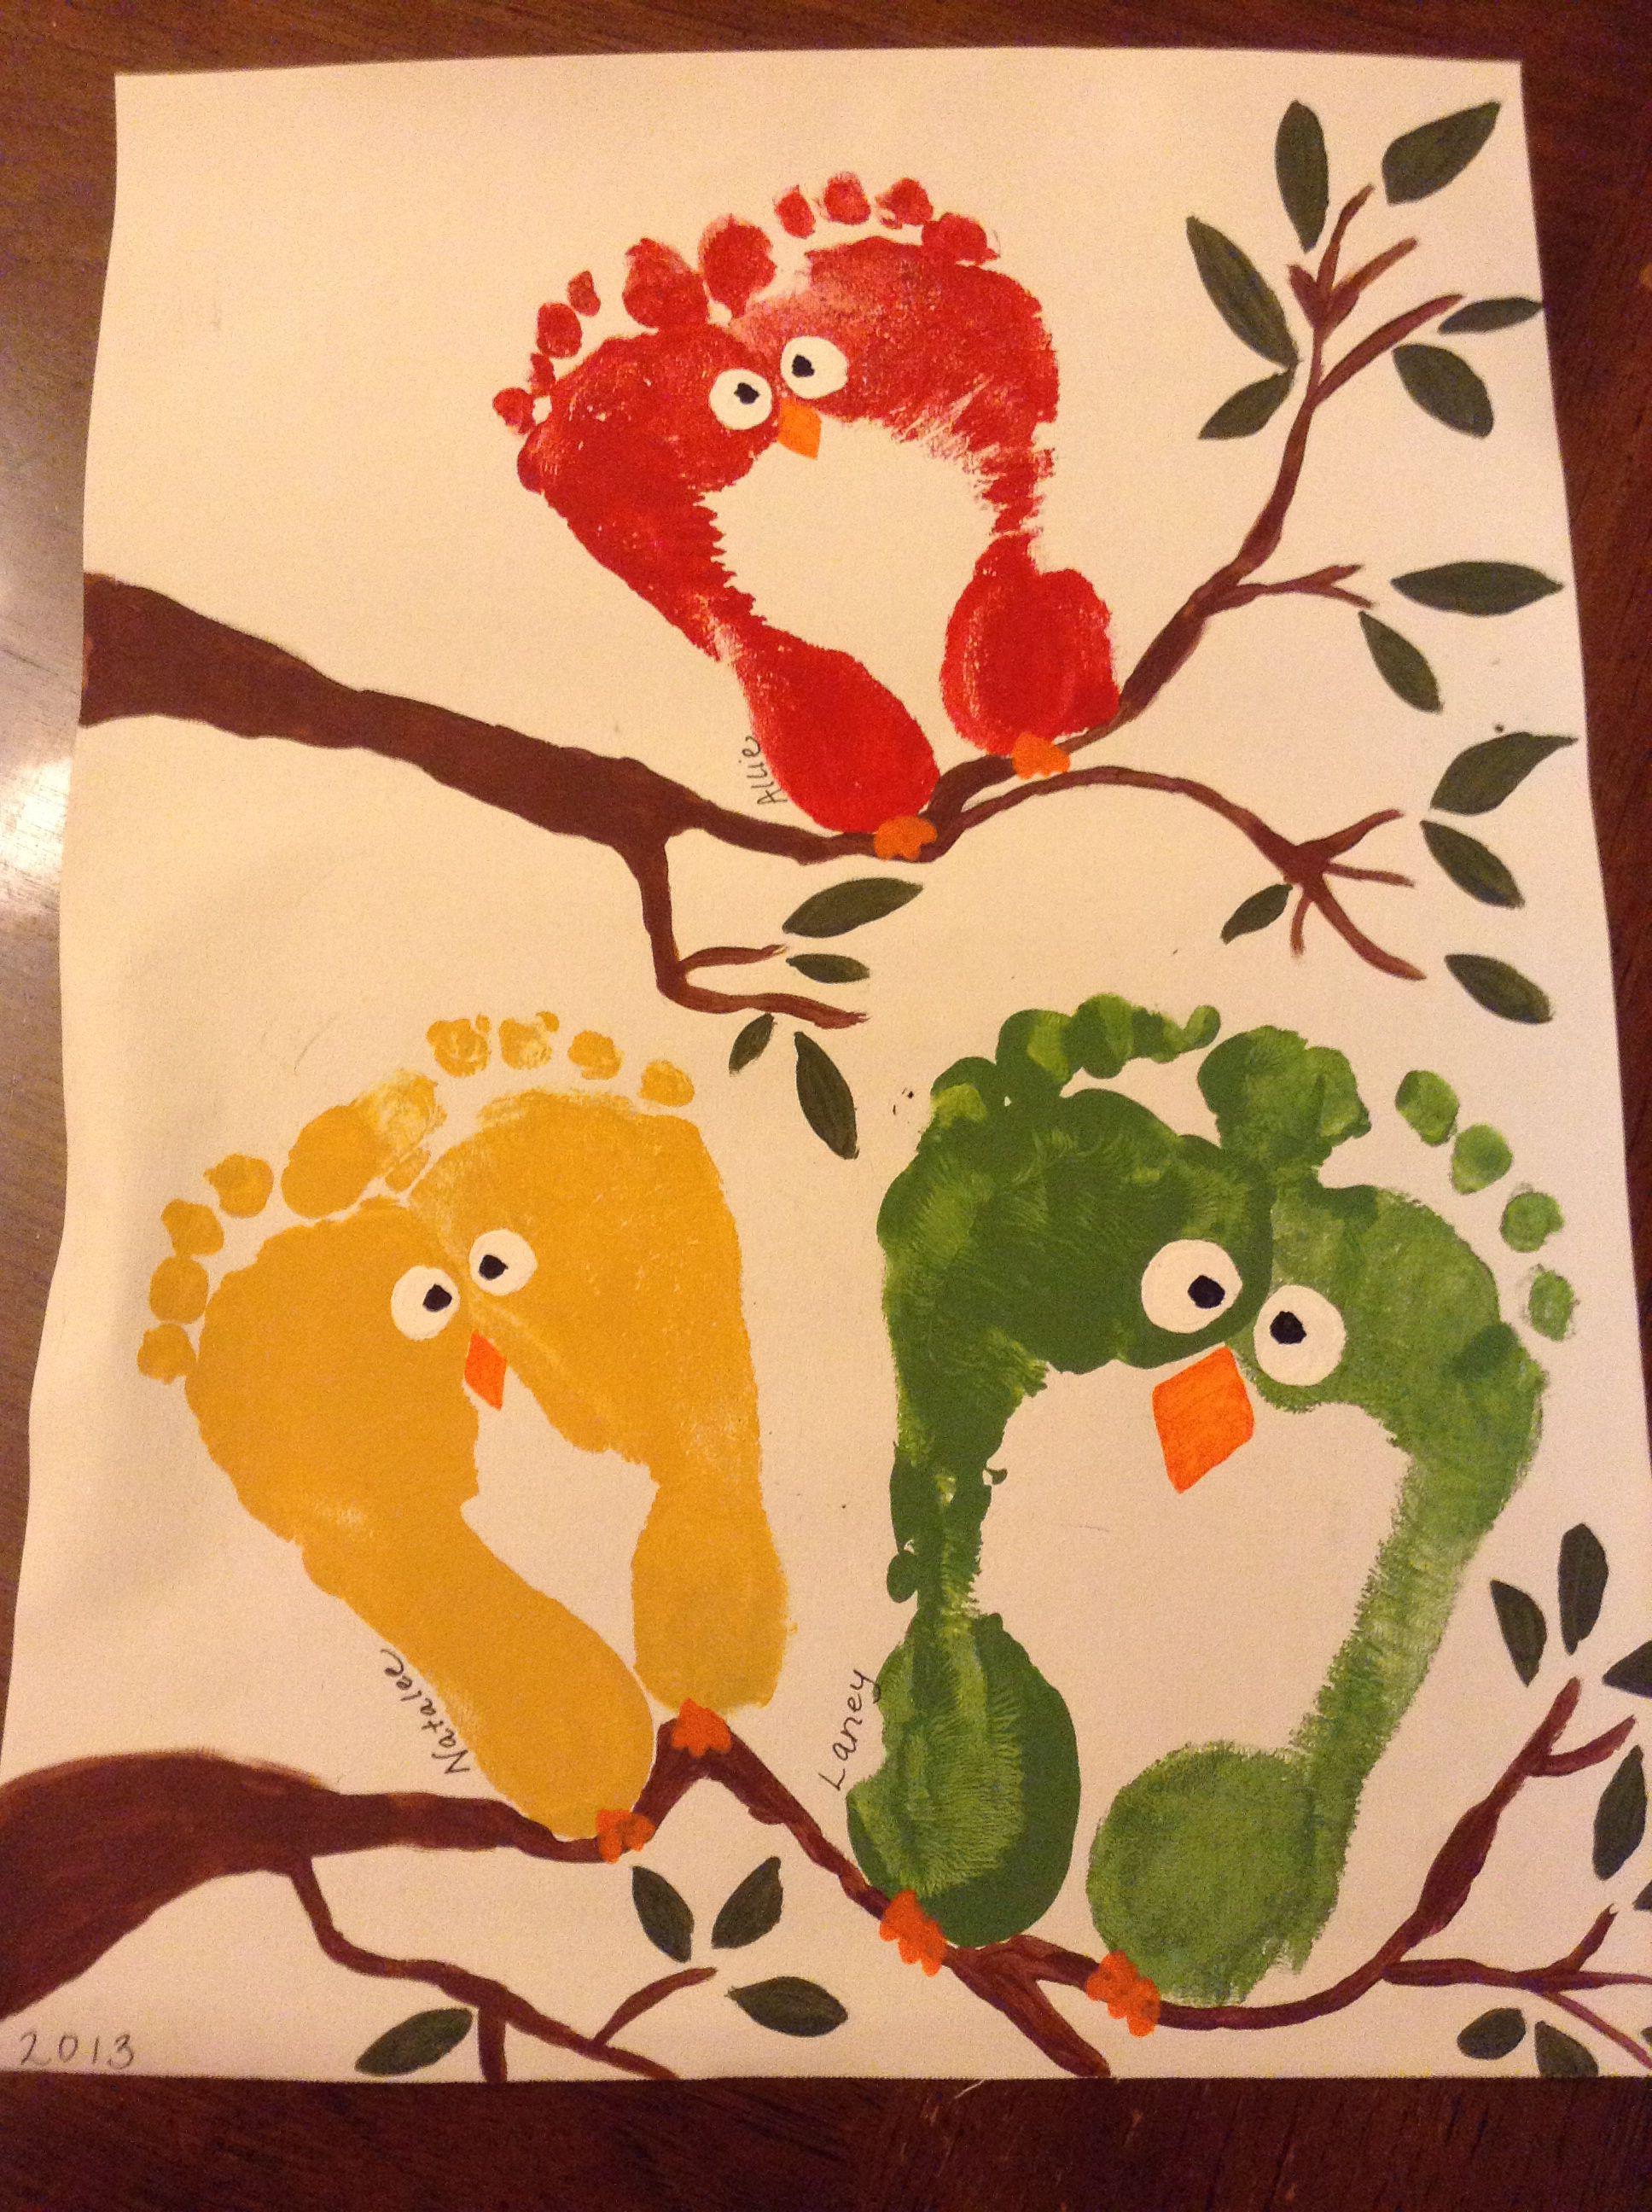 Feet Art | Crafts | Pinterest | Crafts, Footprints and Footprint art